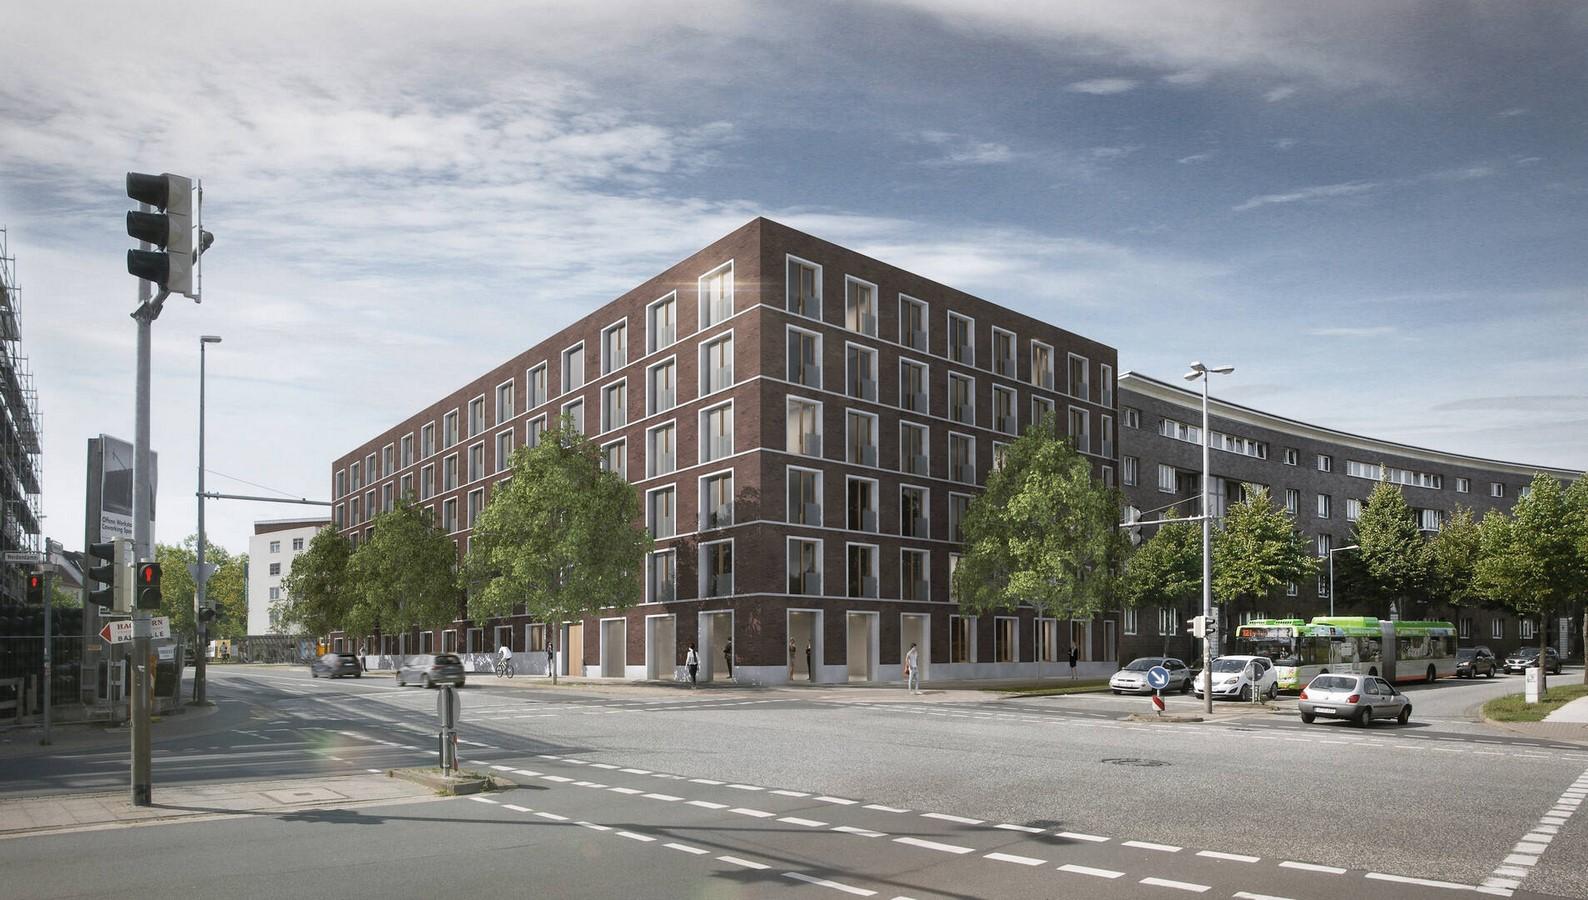 Architects in Hannover - Top 60 Architects in Hannover - Sheet35